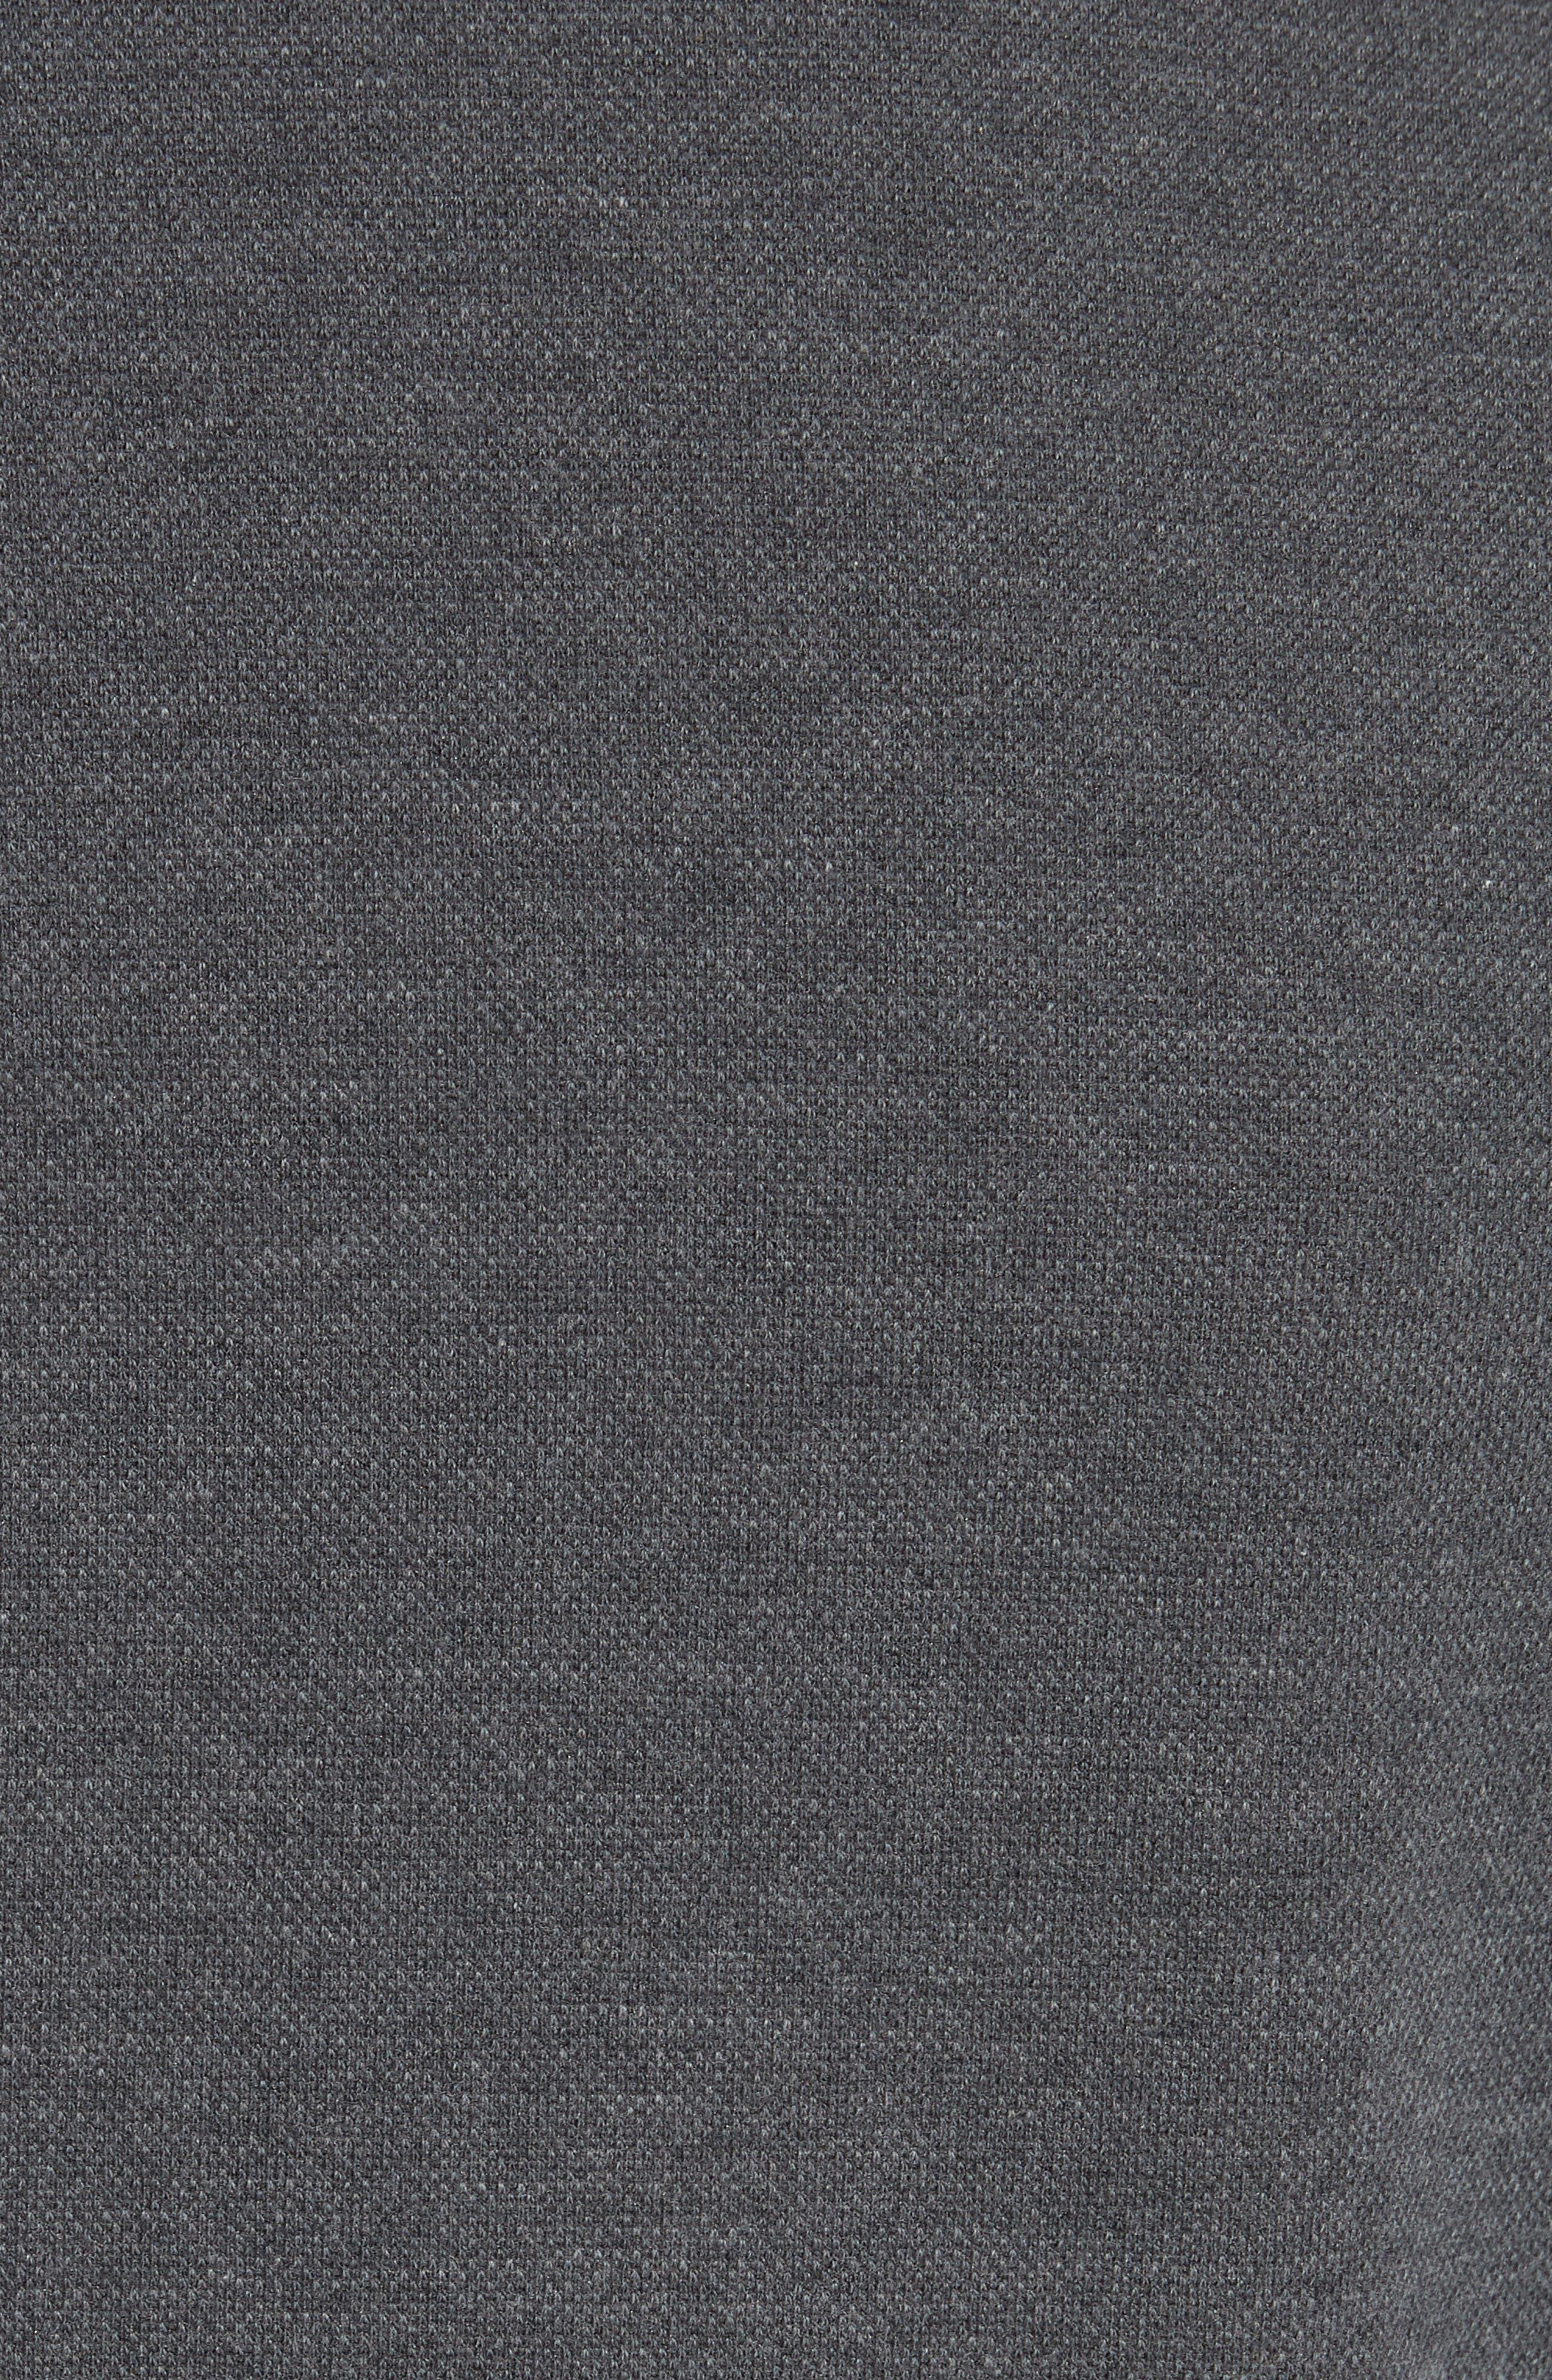 Slim Fit Stretch Cotton Blend Sport Coat,                             Alternate thumbnail 6, color,                             MED GREY